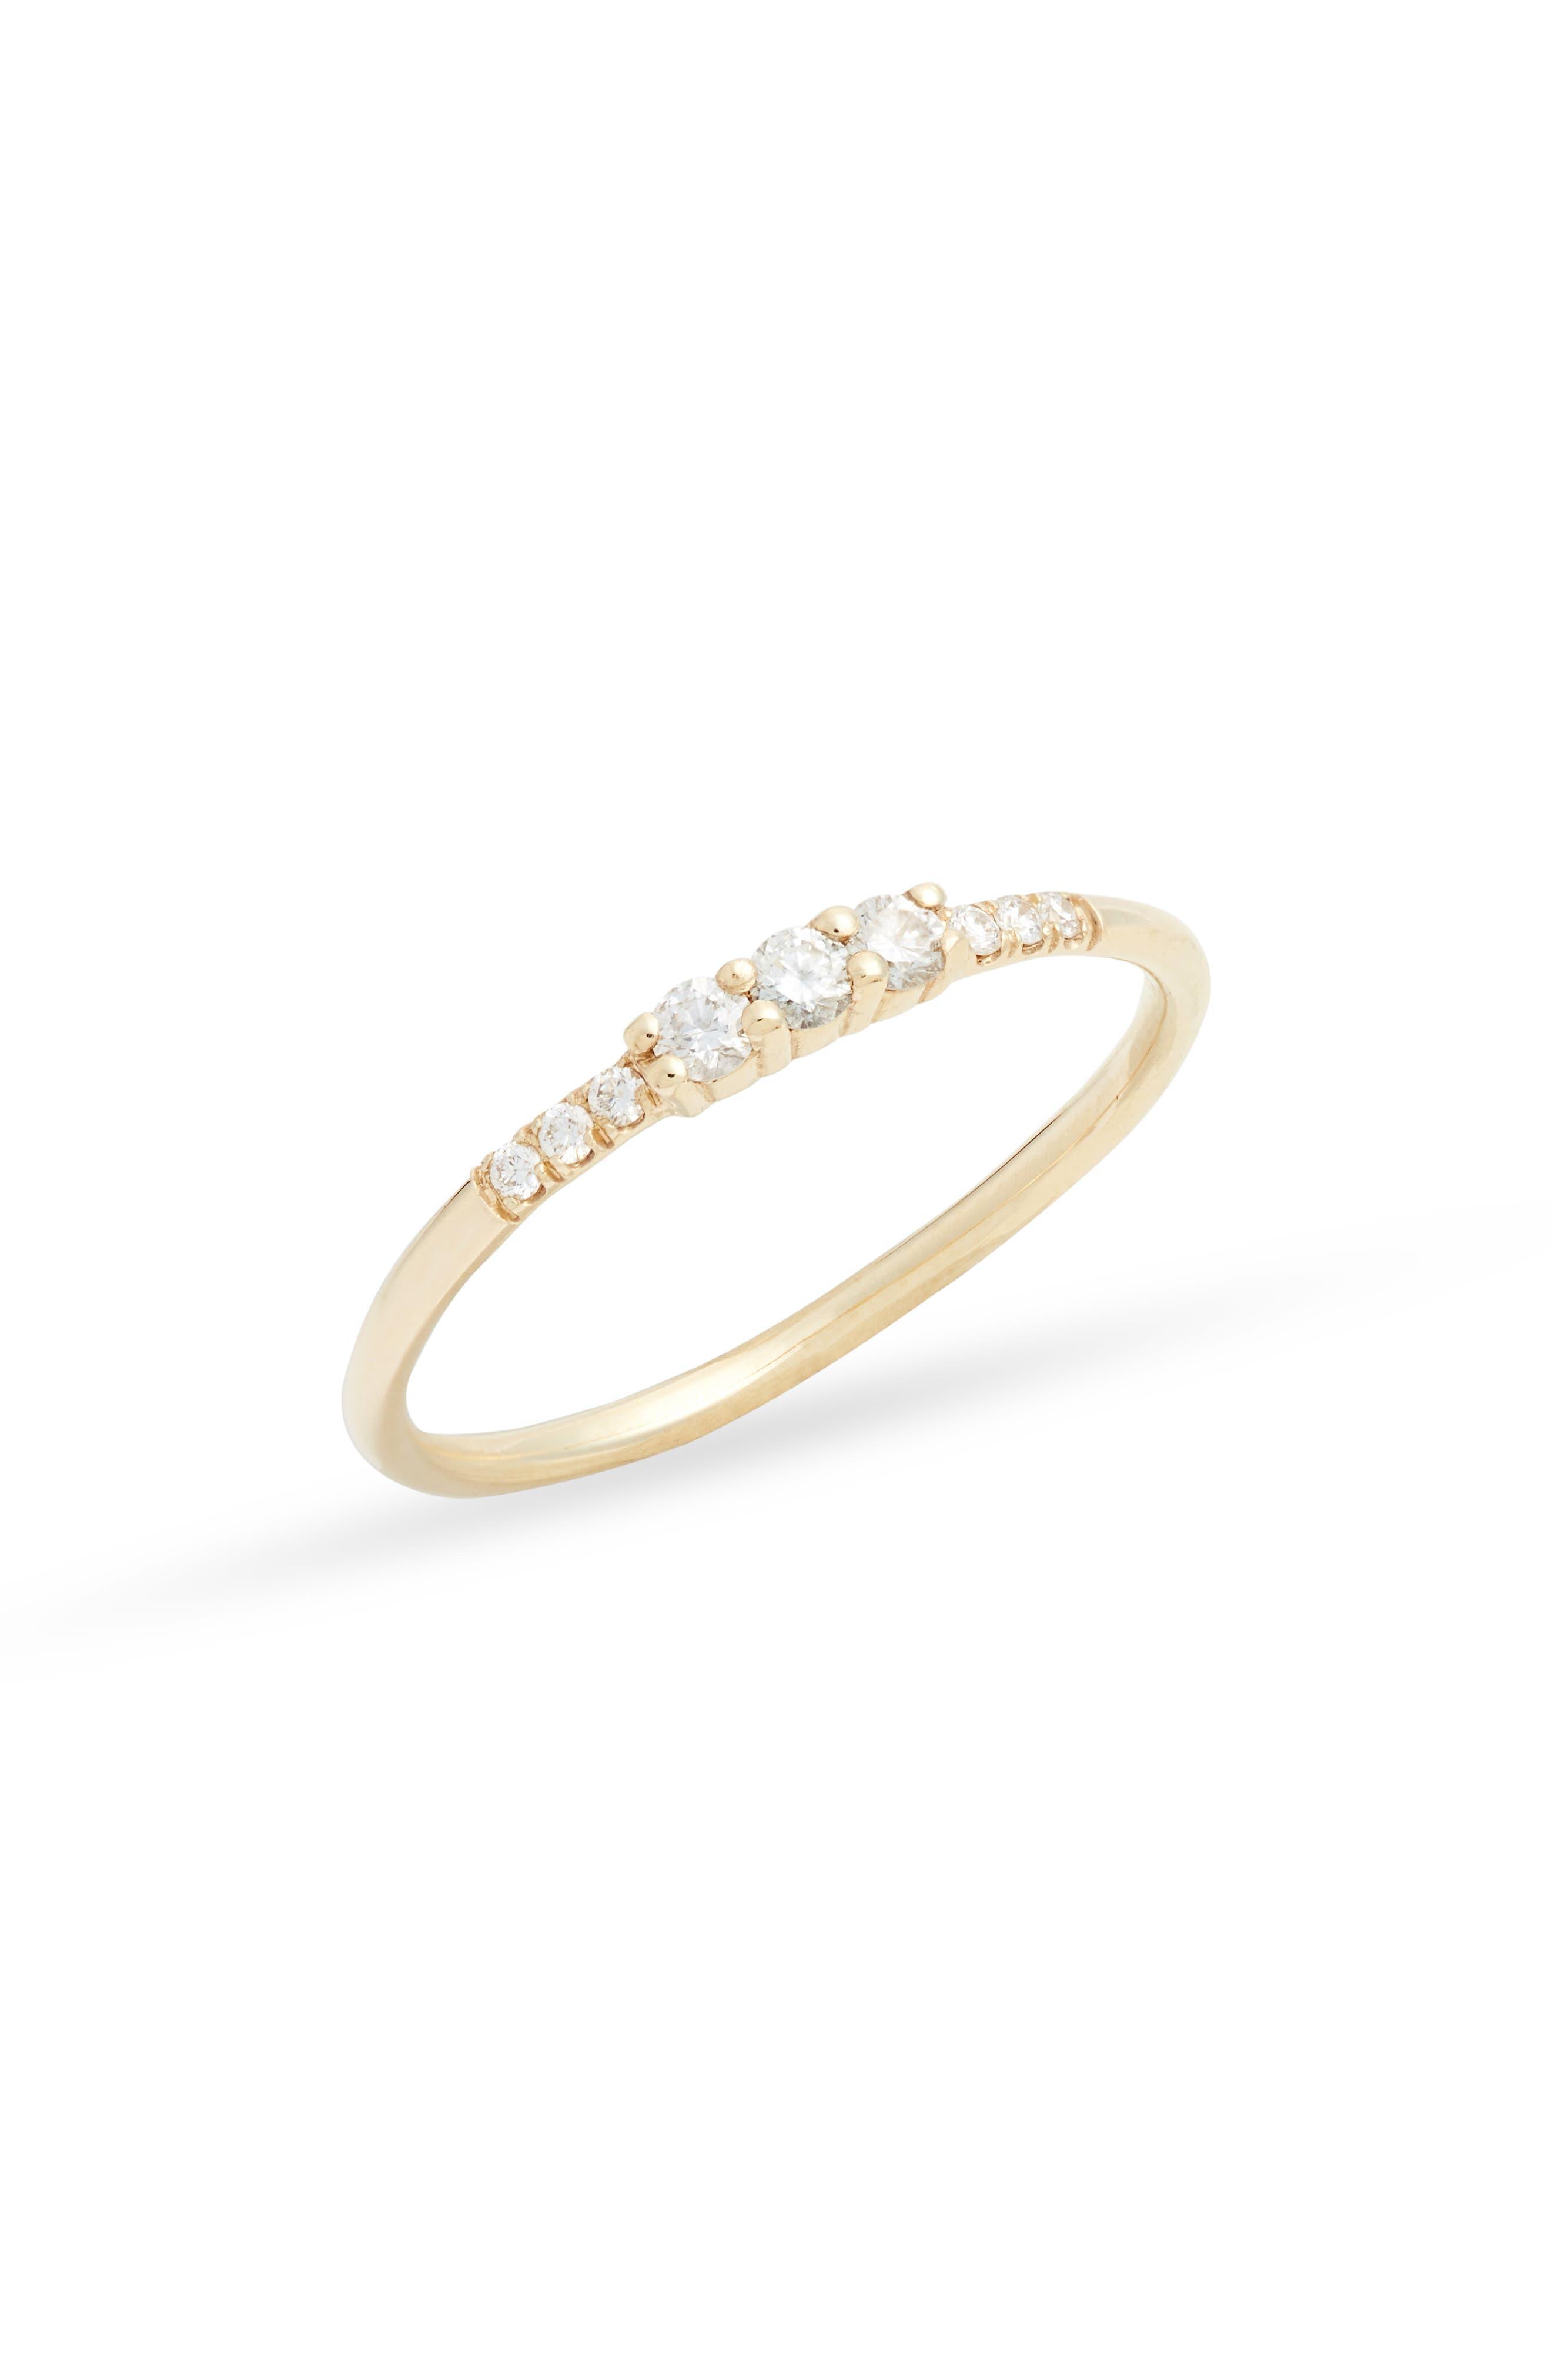 Three Diamond Equilibrium Ring